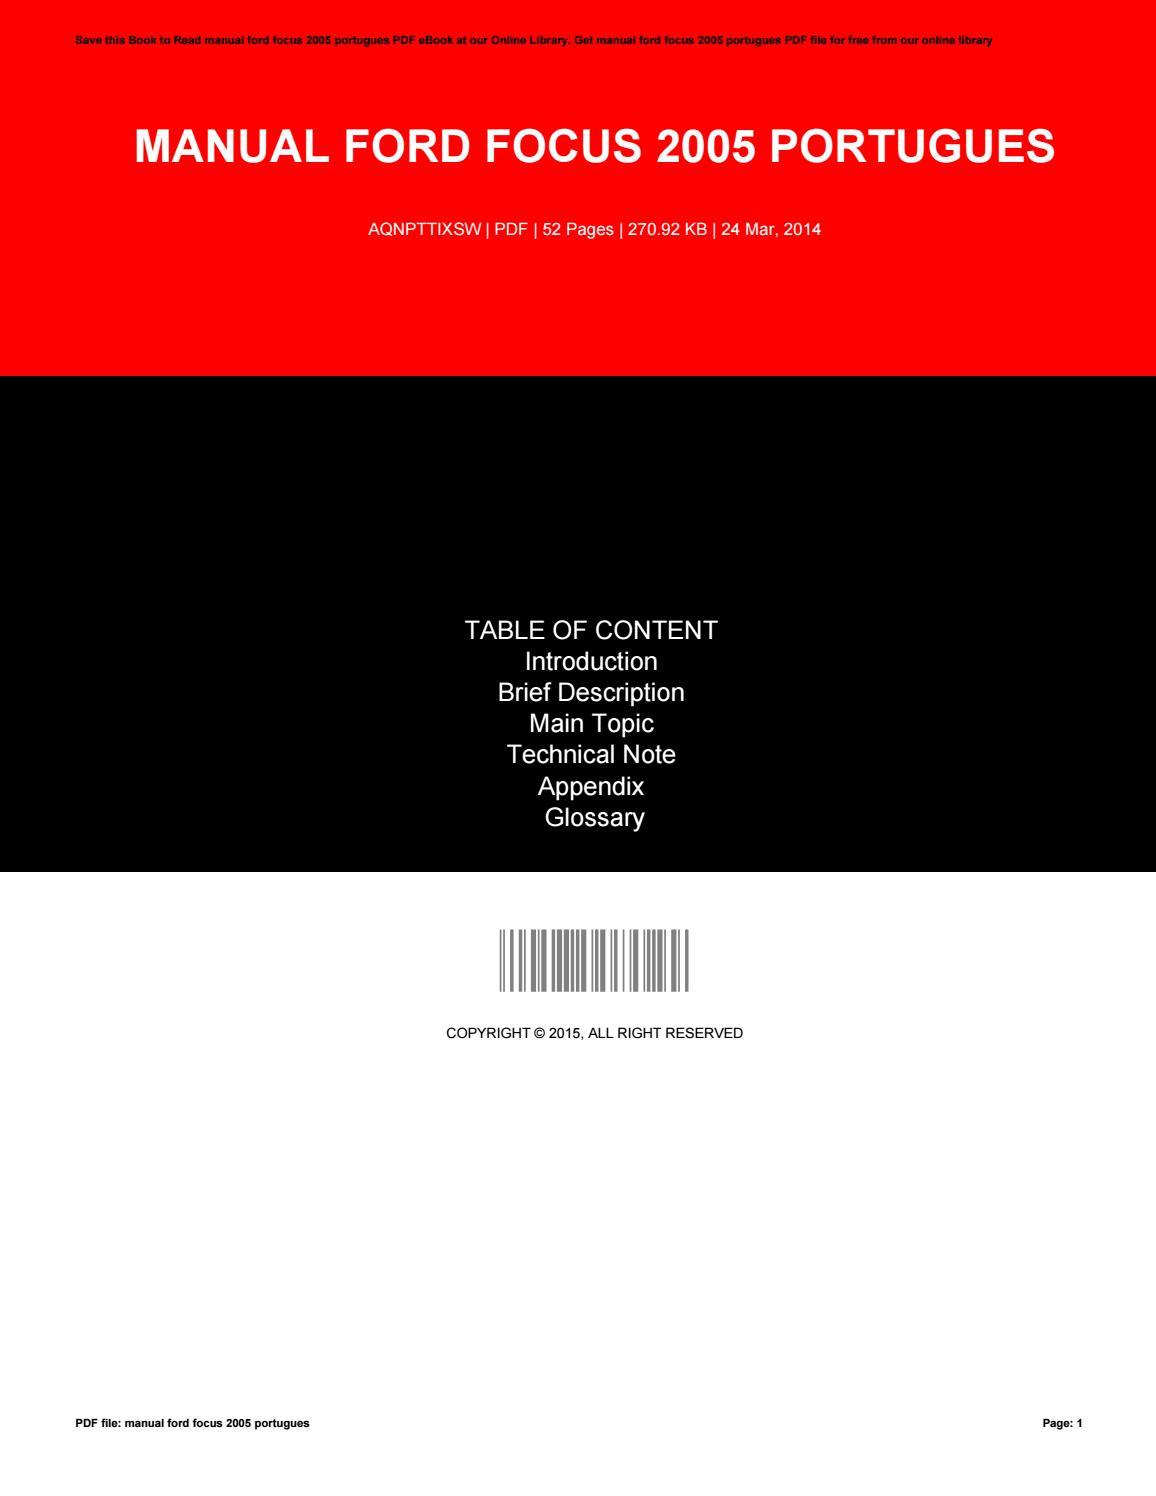 ford focus 2005 manual pdf